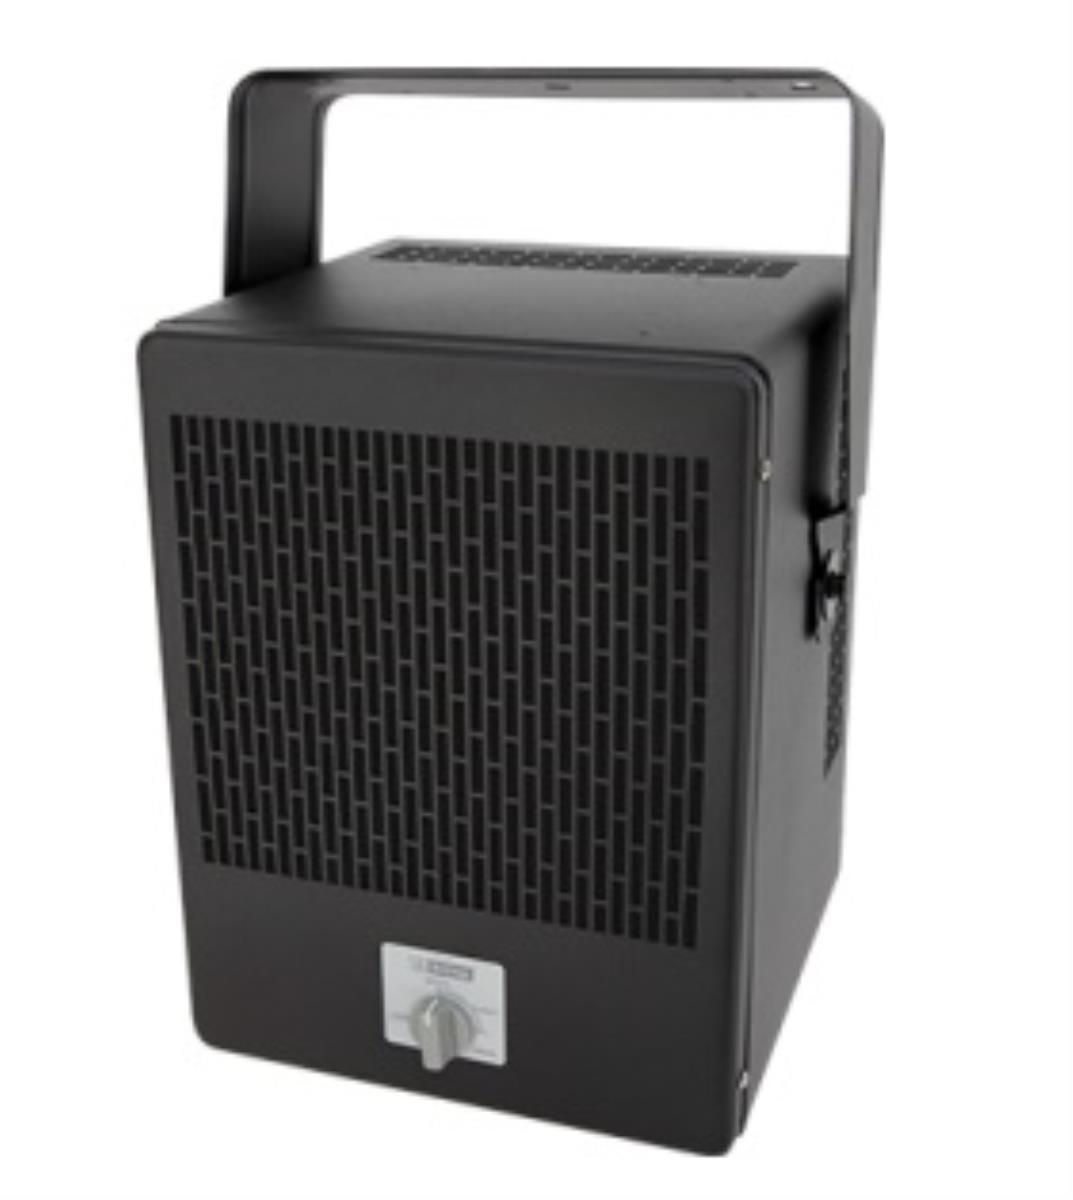 King EKB2440TB 4000W 240V Economy Unit Heater w/ Stat and Bracket